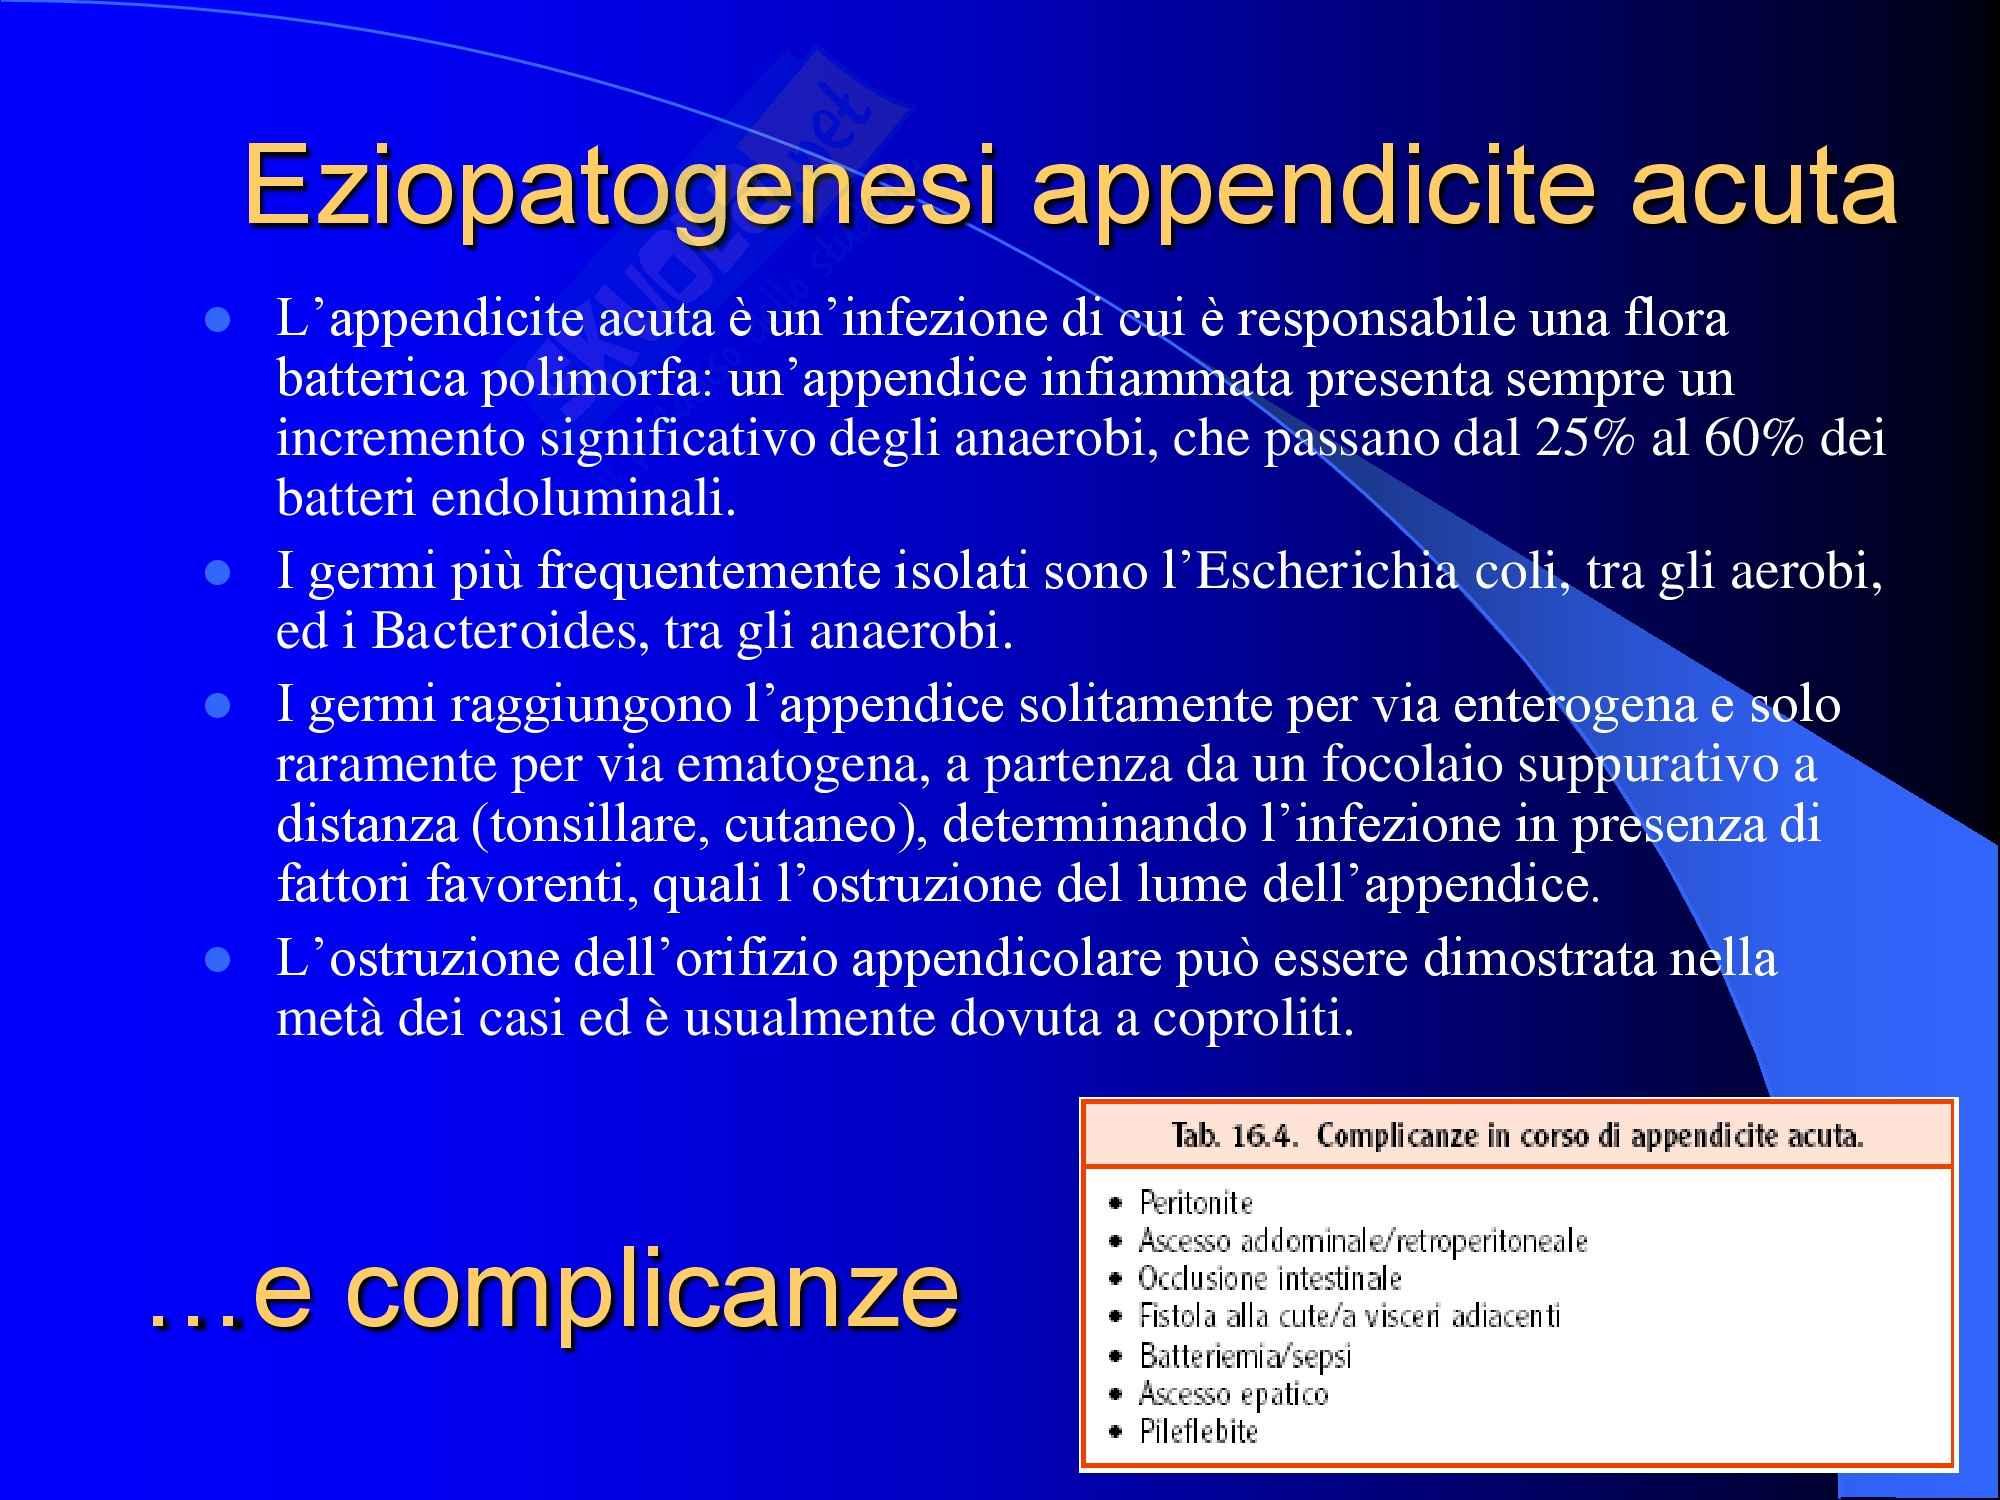 Chirurgia - Appendicite acuta